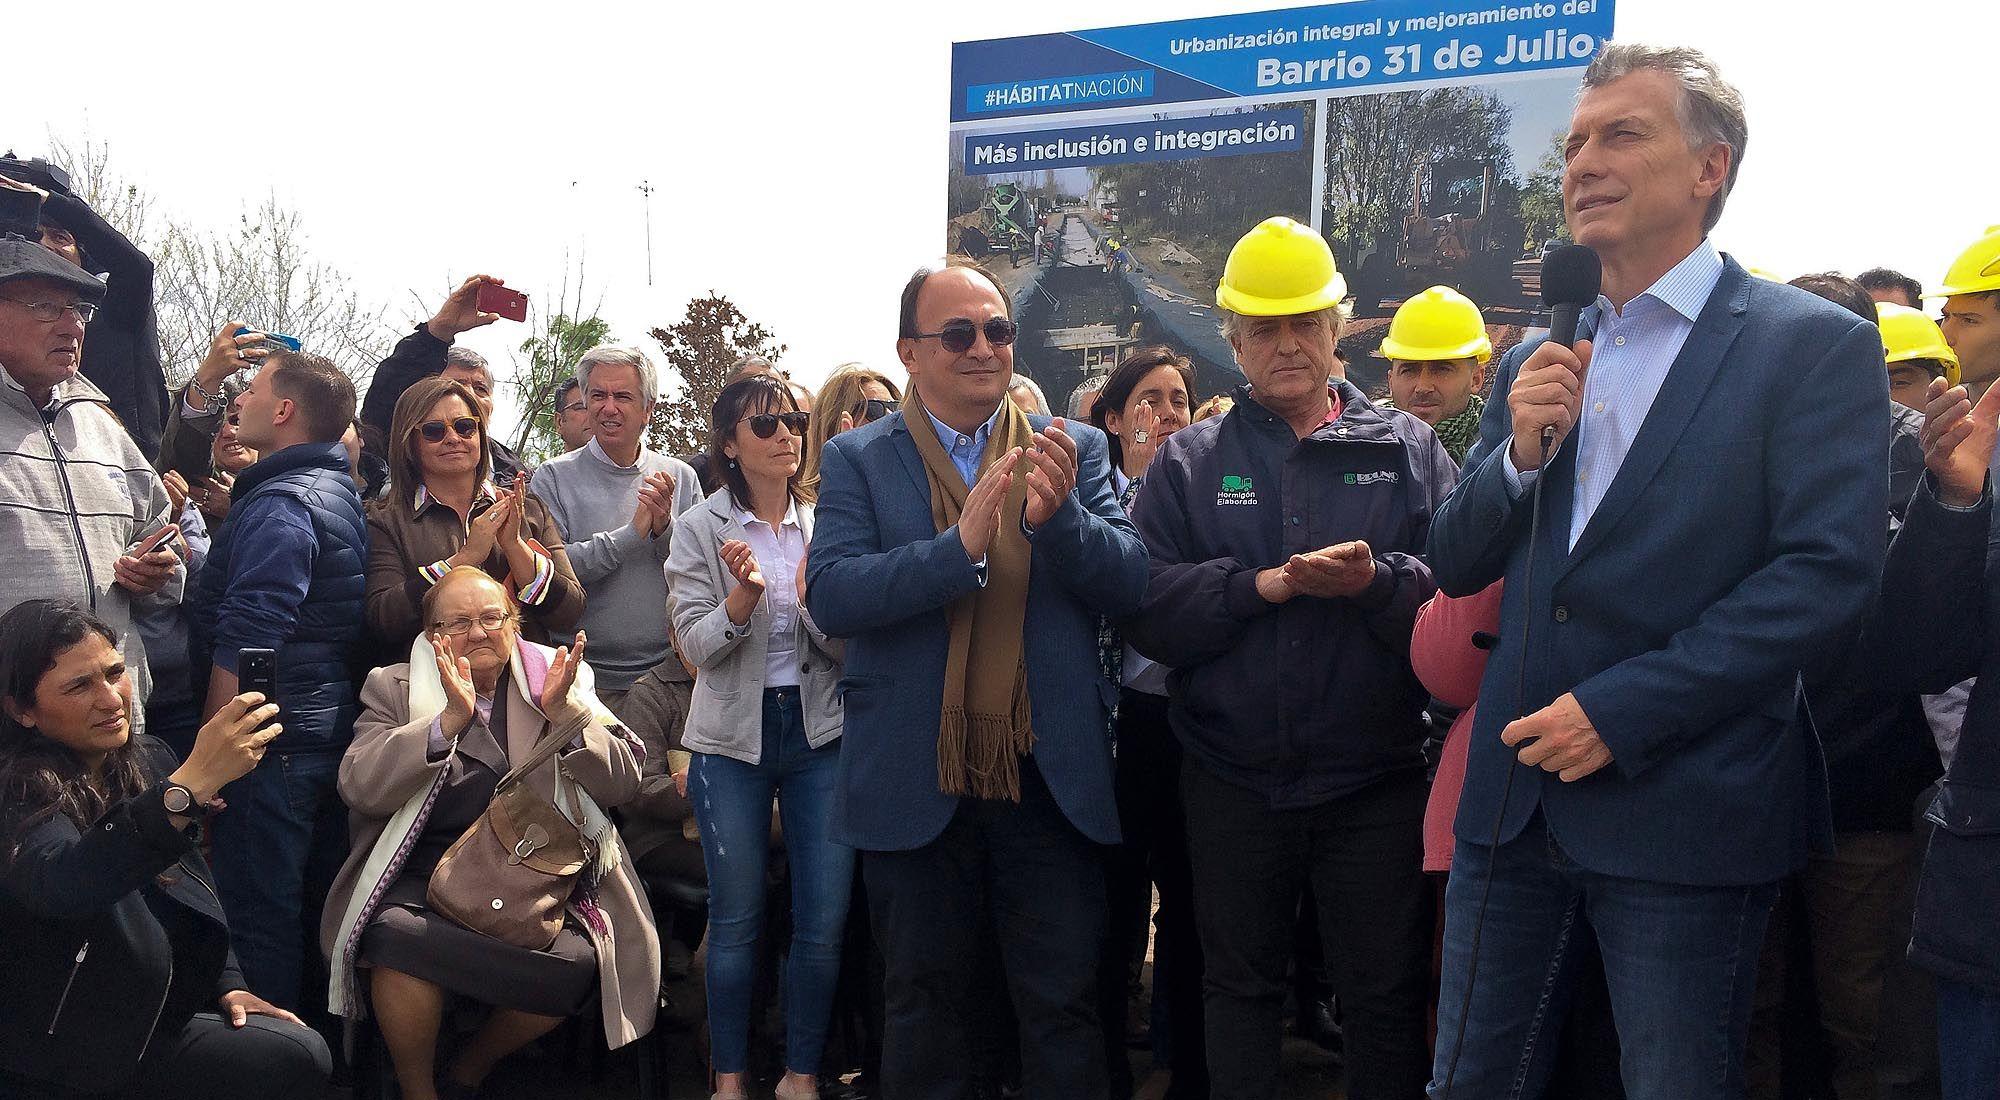 El presidente Mauricio Macri inaugura obras en Saladillo Provincia de Buenos Aires.